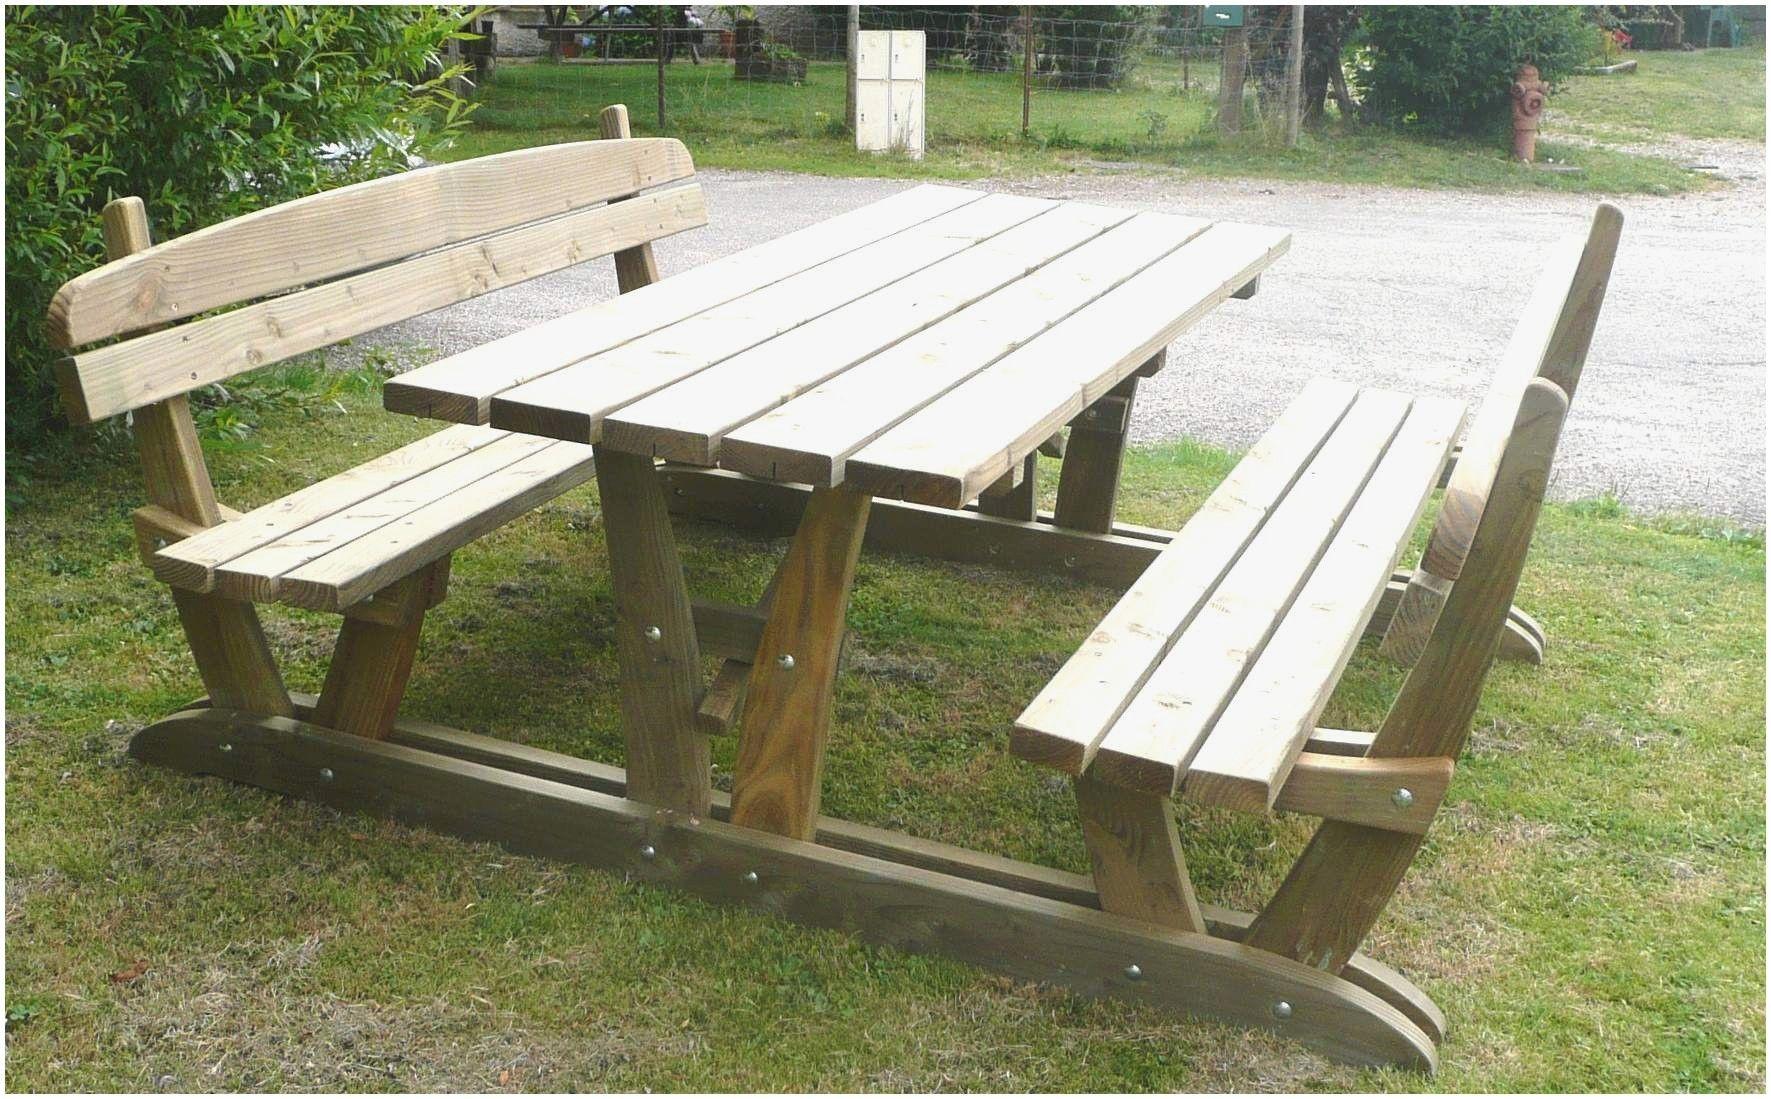 Salon Jardin Eucalyptus Petit Banc Exterieur Charmant Amazon Banc De Jardin Fresh Mobilier With Images Outdoor Tables Picnic Table Outdoor Decor